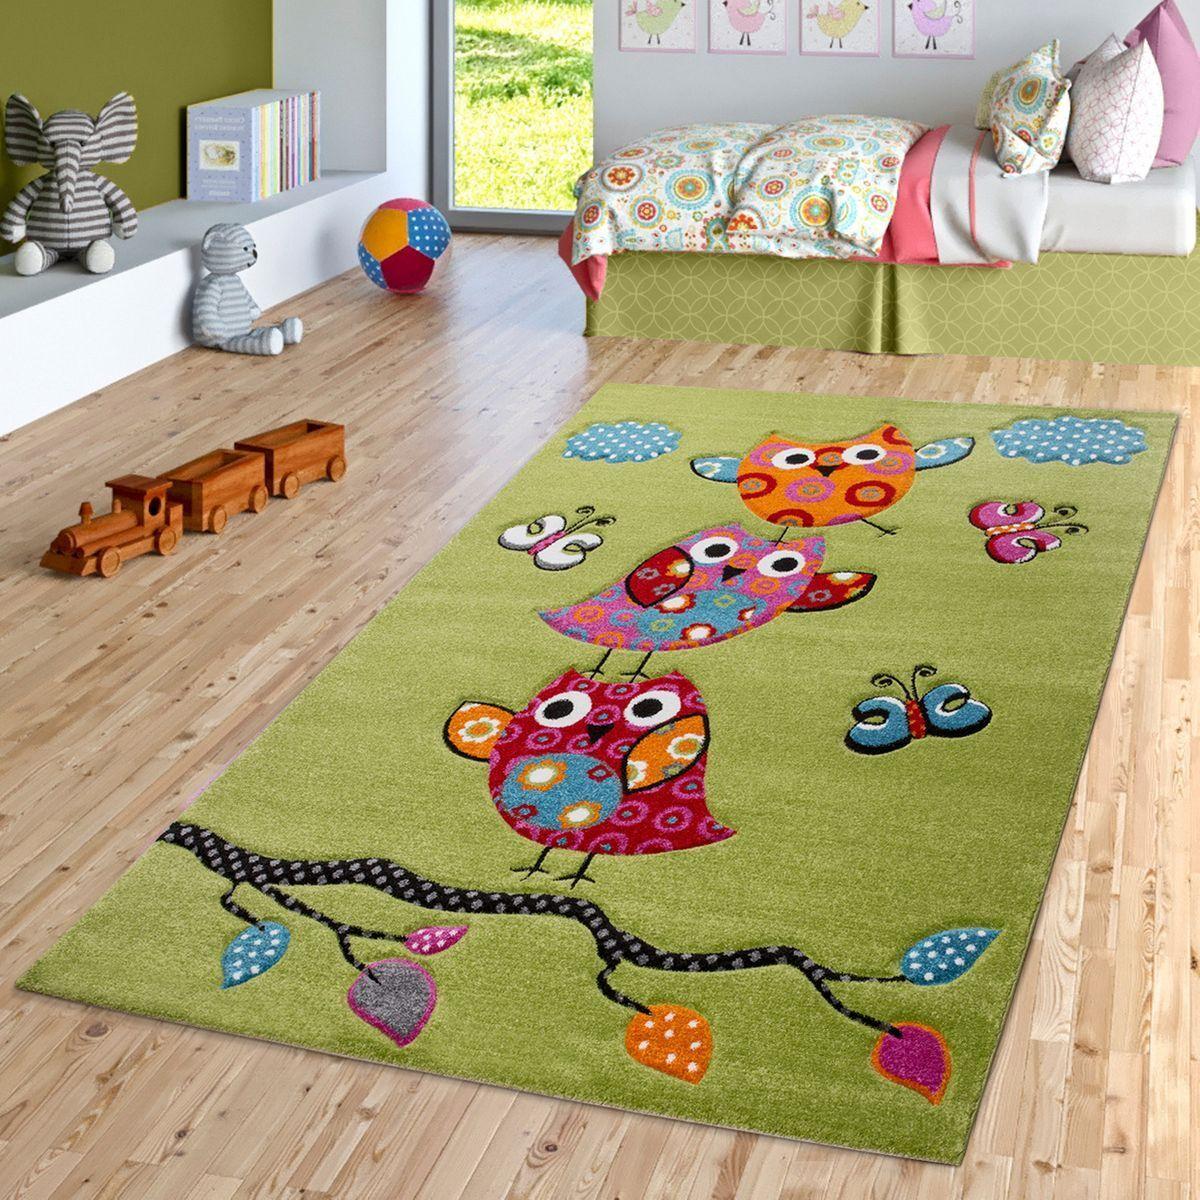 Eulen Teppich Grün Pink Creme Kinderzimmerteppich mit Konturenschnitt